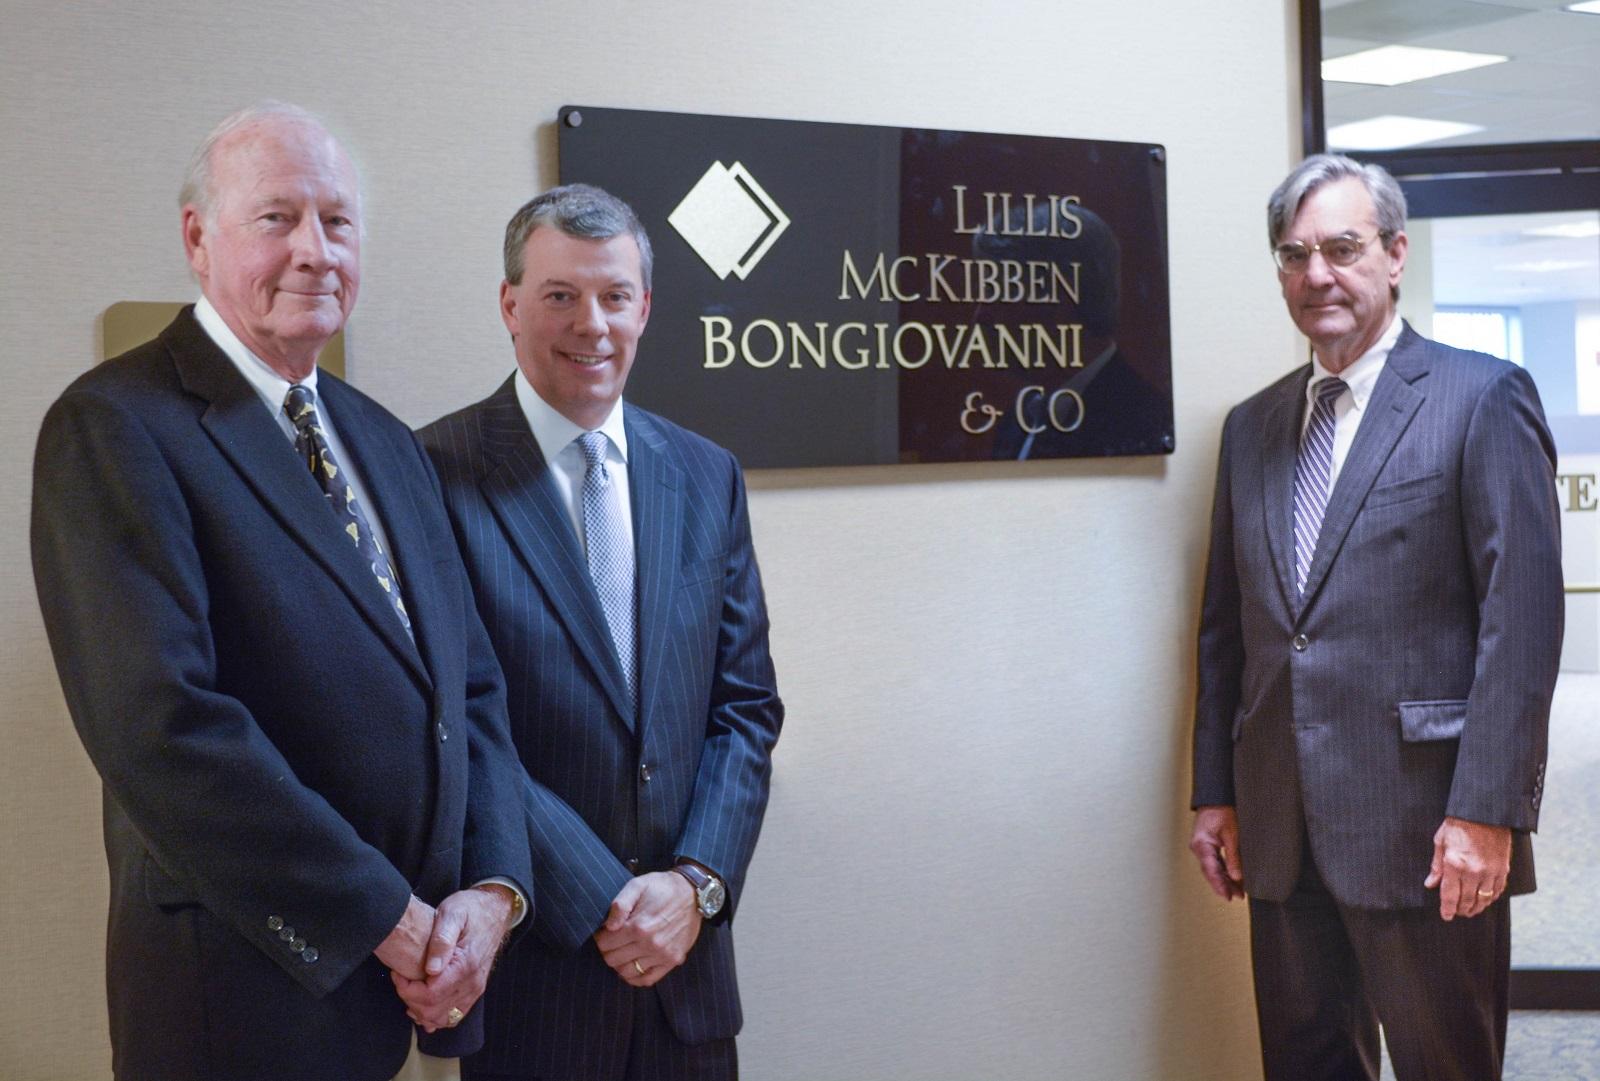 Lillis, McKibben, Bongiovanni & Co. Partners - Erie, PA